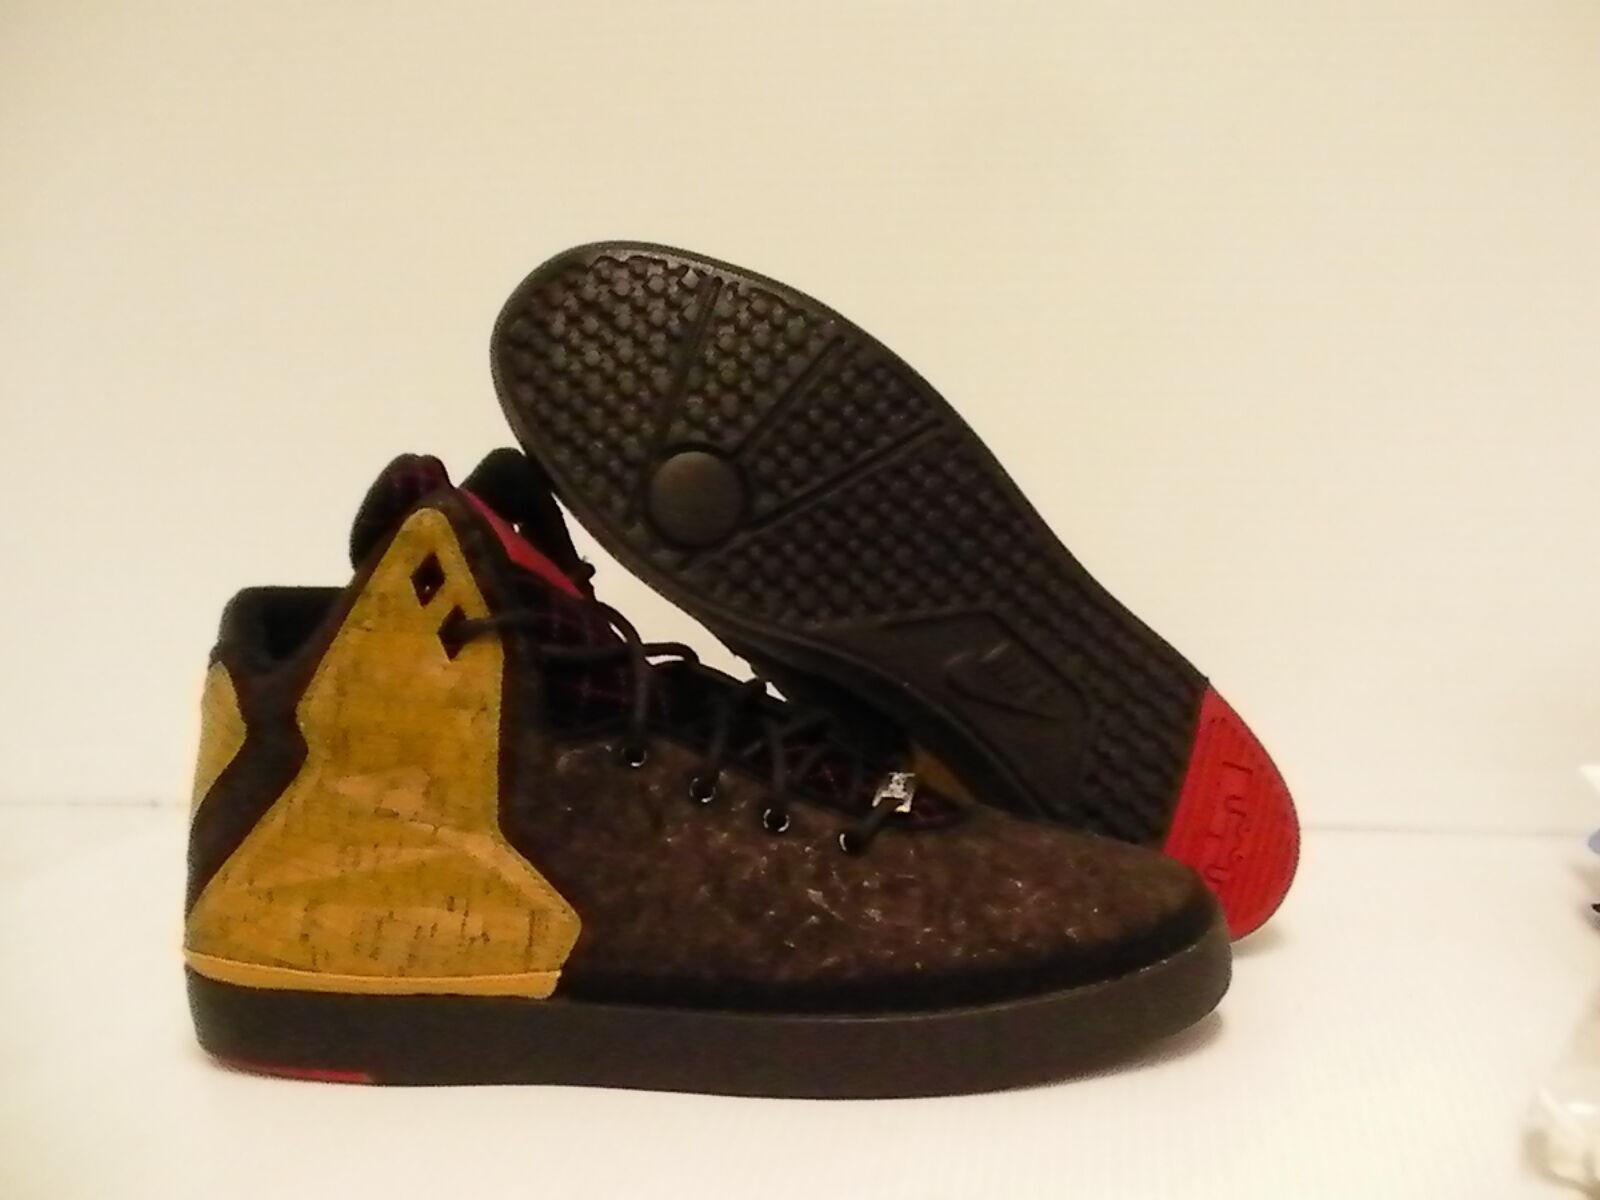 Nike lebron xi del nuovo galles del basket sud lifstyle scarpe da basket del bel colore dimensioni 9.5 nuovi con box 80fe68